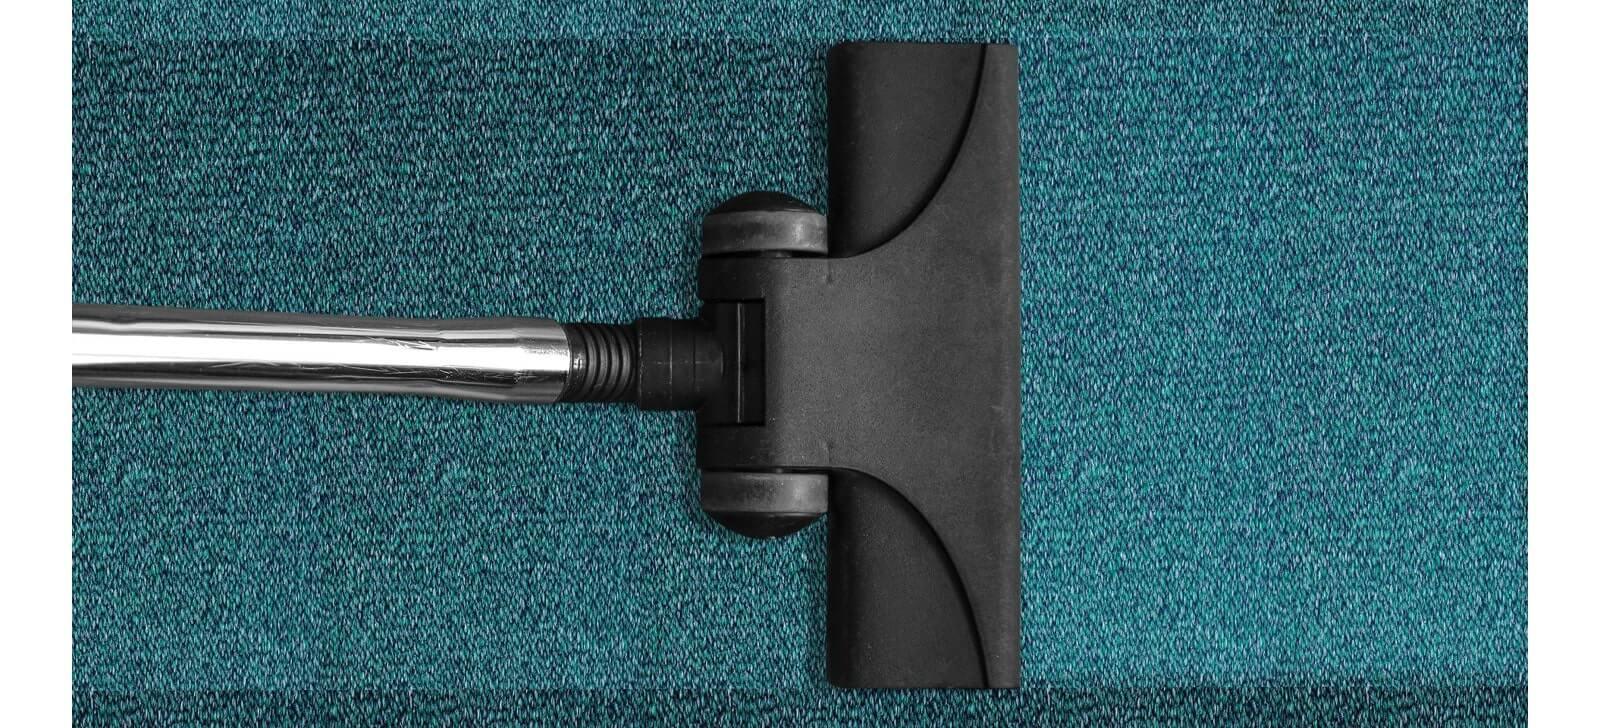 blue carpet and vaccum cleaner